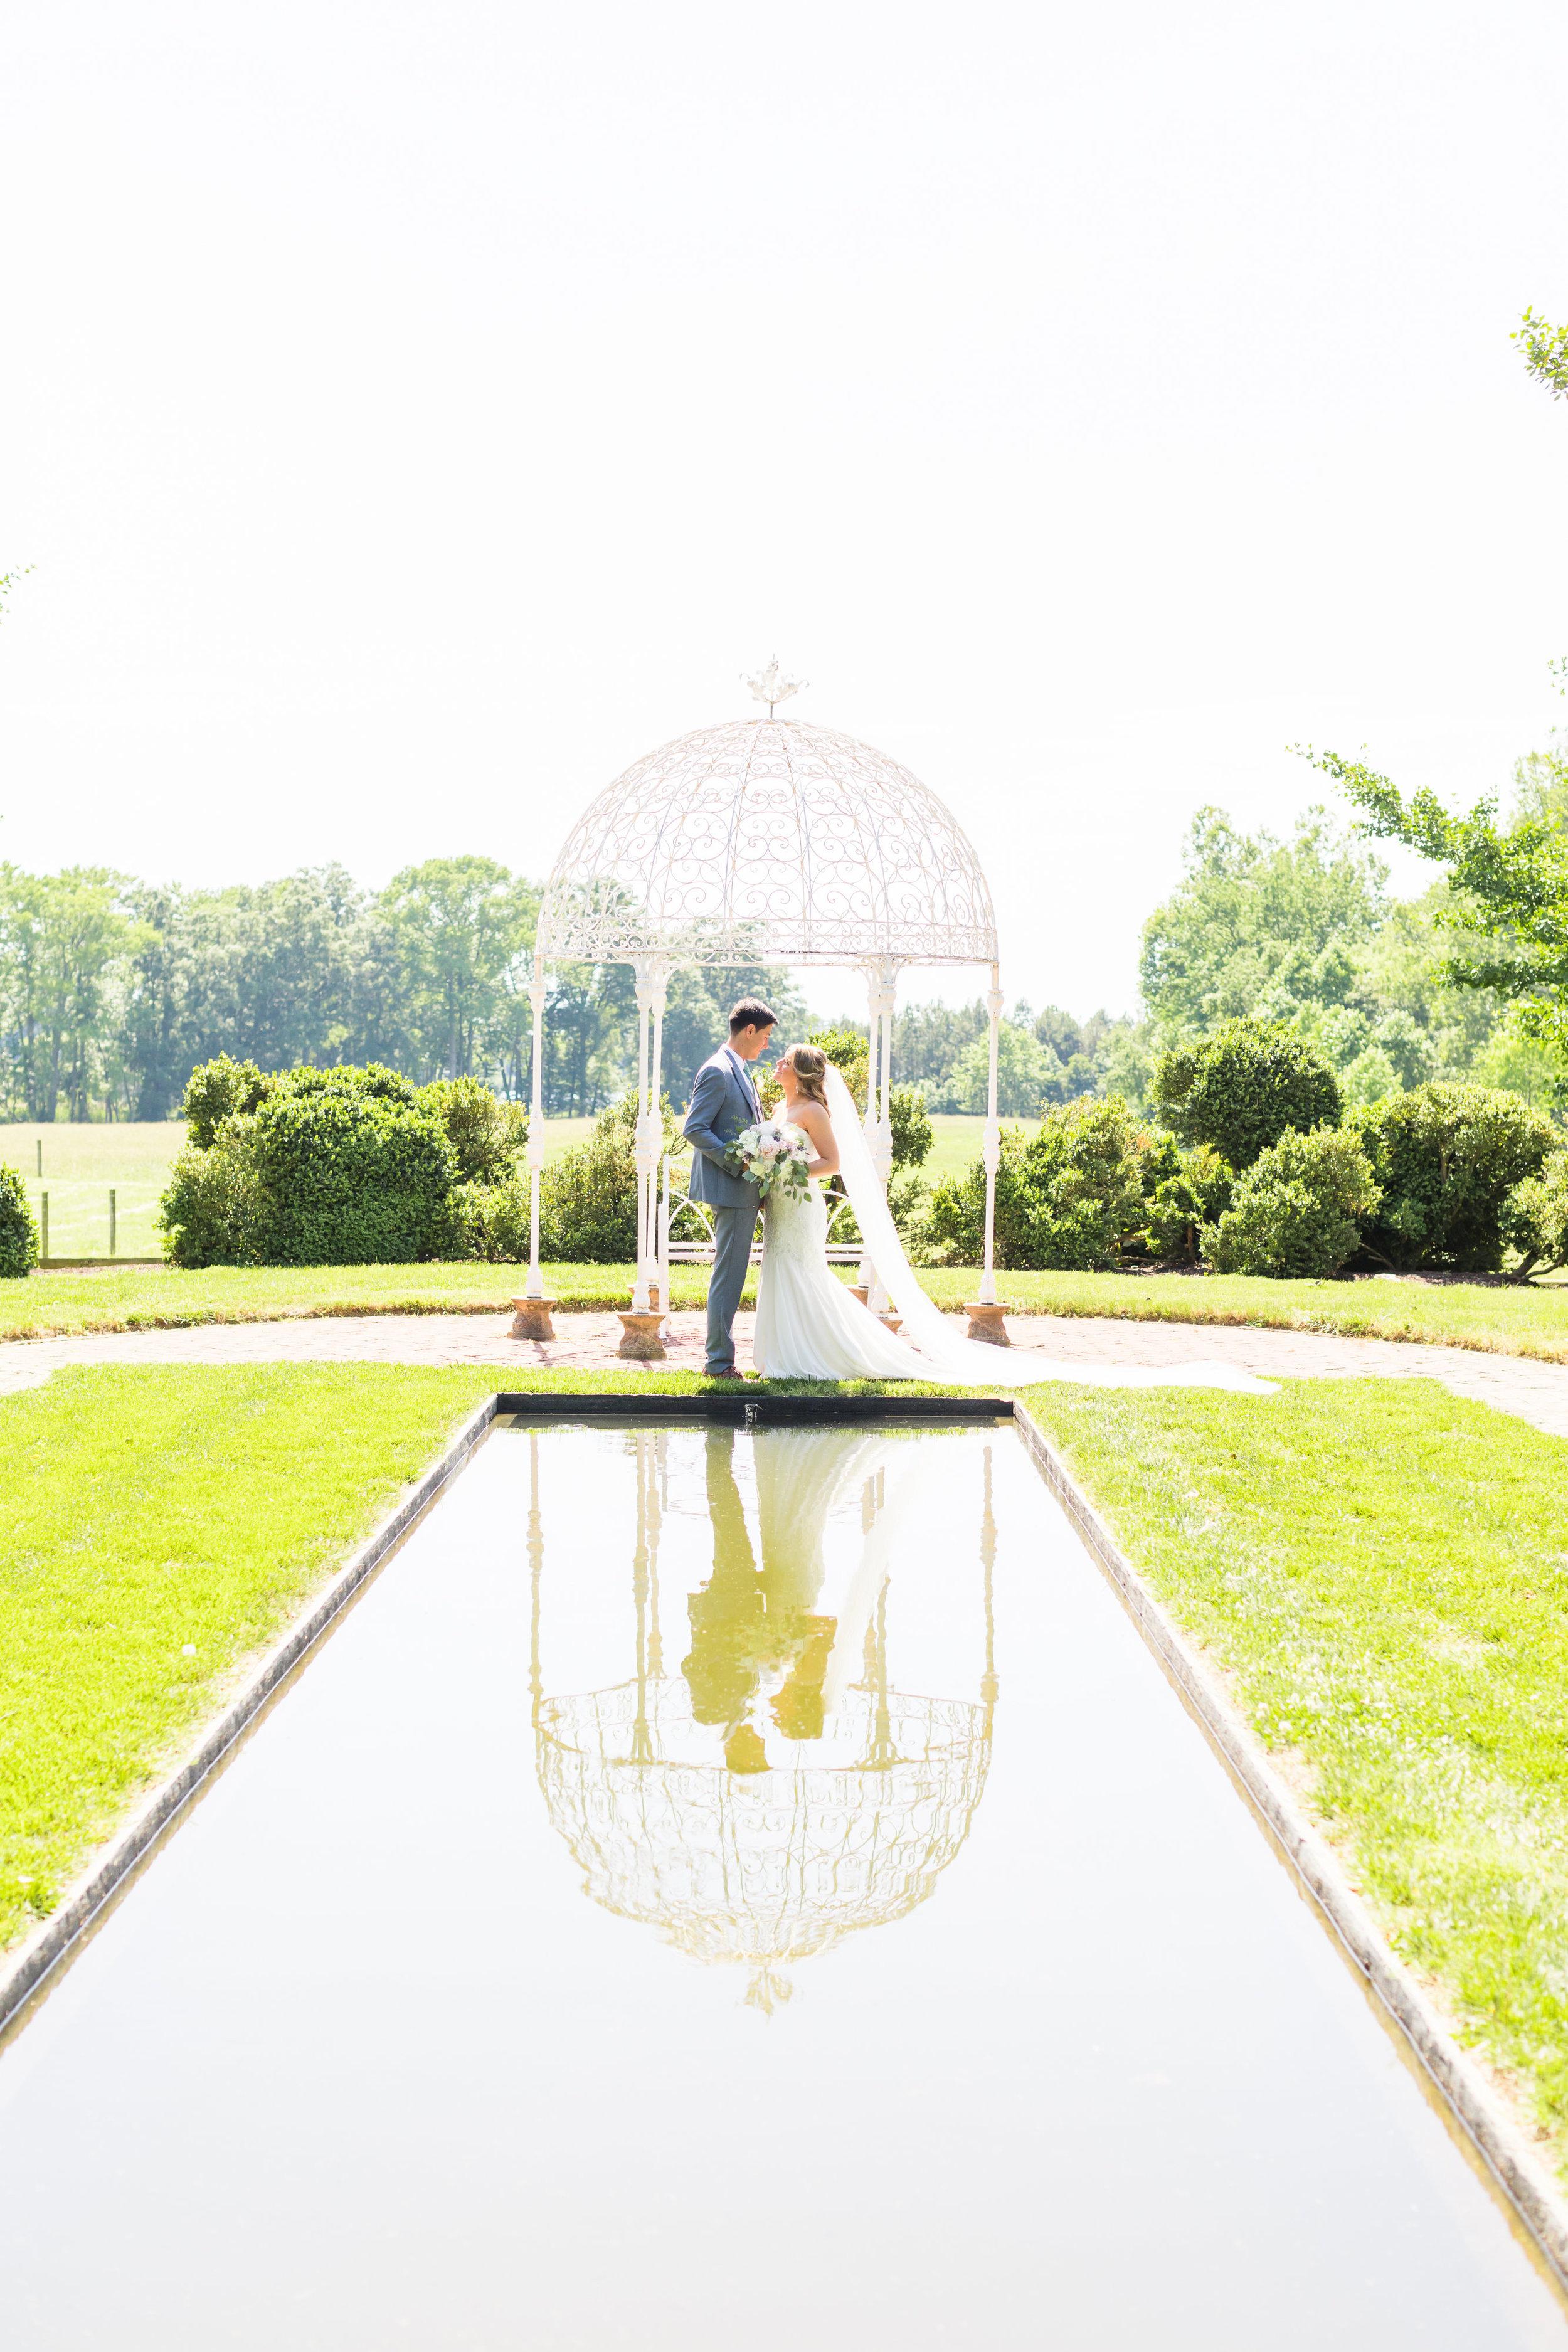 061017 DE Chelsea Clark + Fabio - Lauren Nievod Photography AS JE-0008.jpg